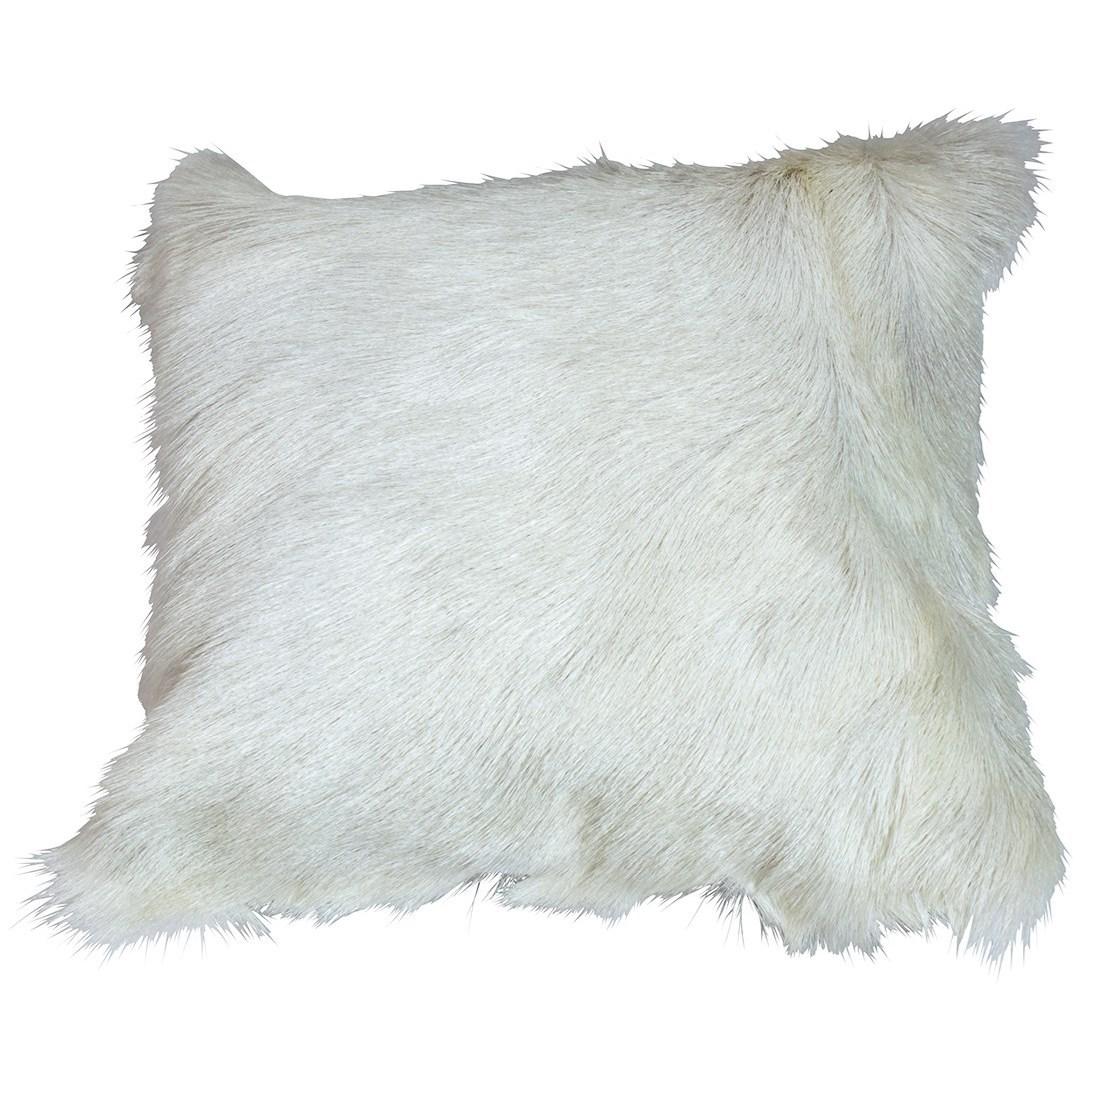 Pillows & Poufs Fur Pillow White at Williams & Kay